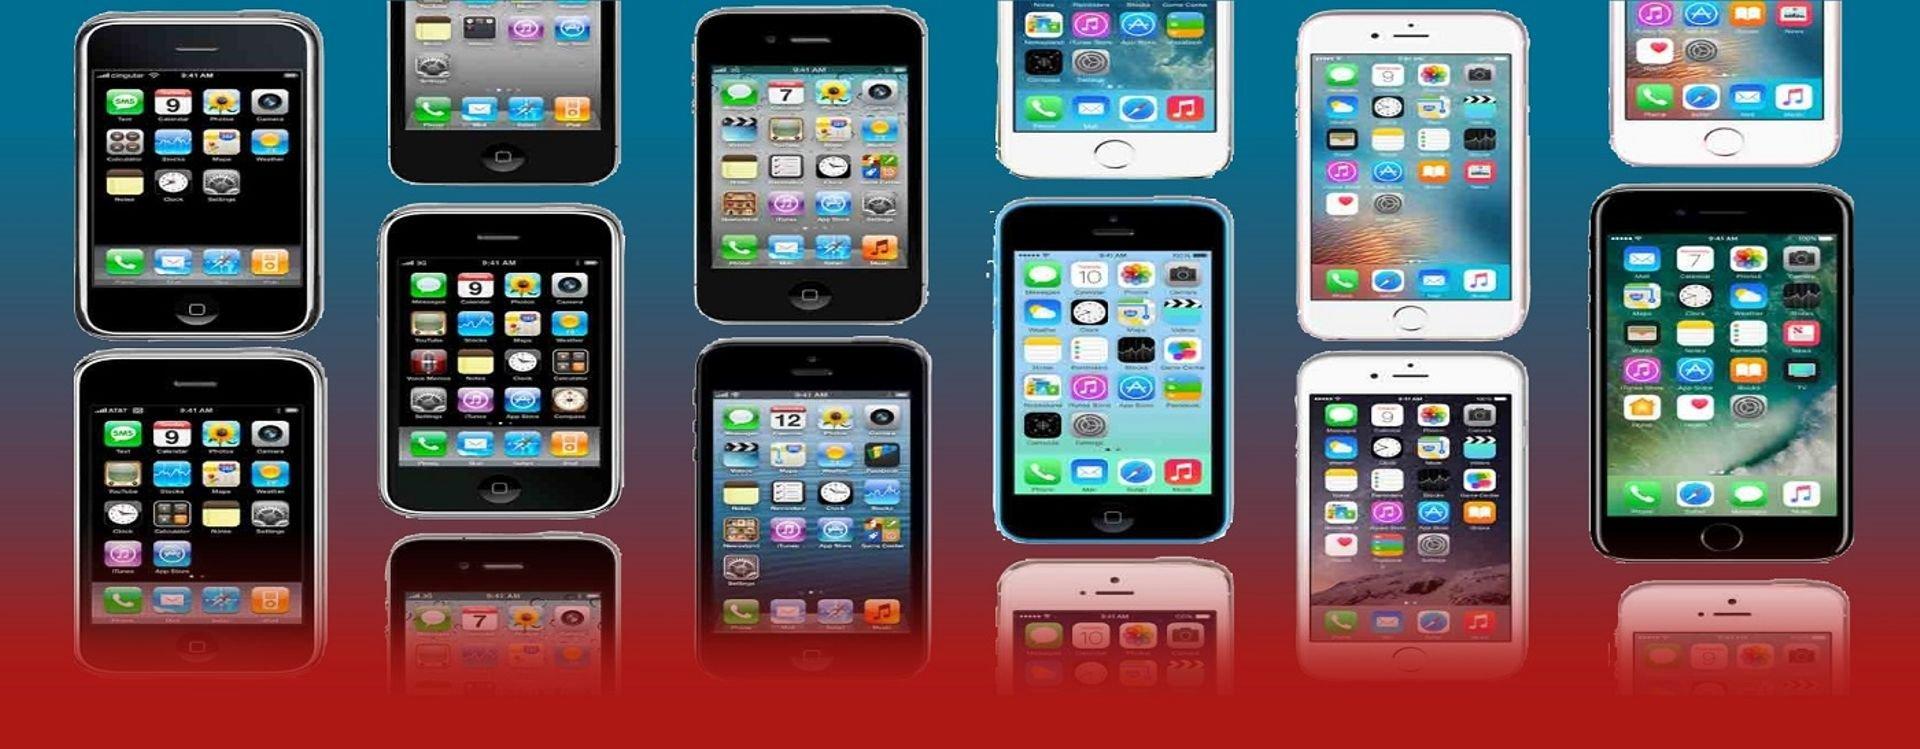 سنتابع عشر سنوات من التطور لهواتف أيفون منذ ظهورها حتى اللحظة